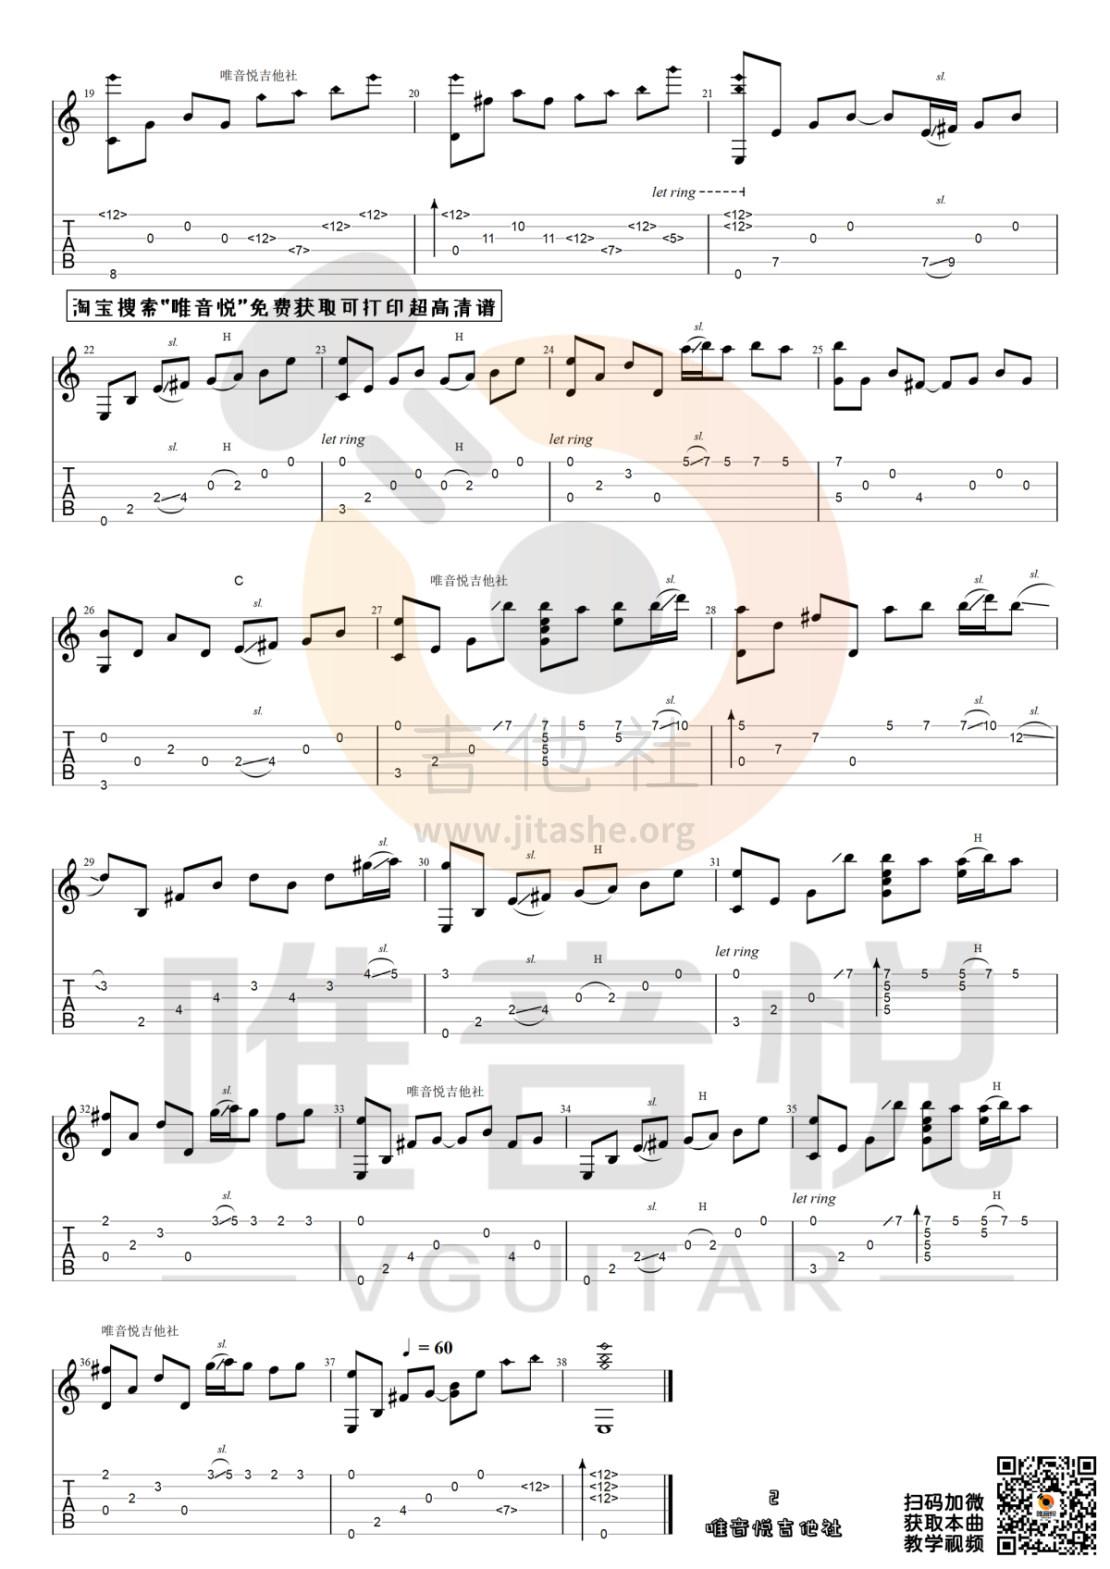 夜的钢琴曲5 (简单吉他指弹谱 指弹吉他谱 唯音悦制谱)吉他谱(图片谱,夜的钢琴曲,吉他指弹谱,指弹吉他谱)_石进_夜的钢琴曲5 吉他指弹#2.jpg